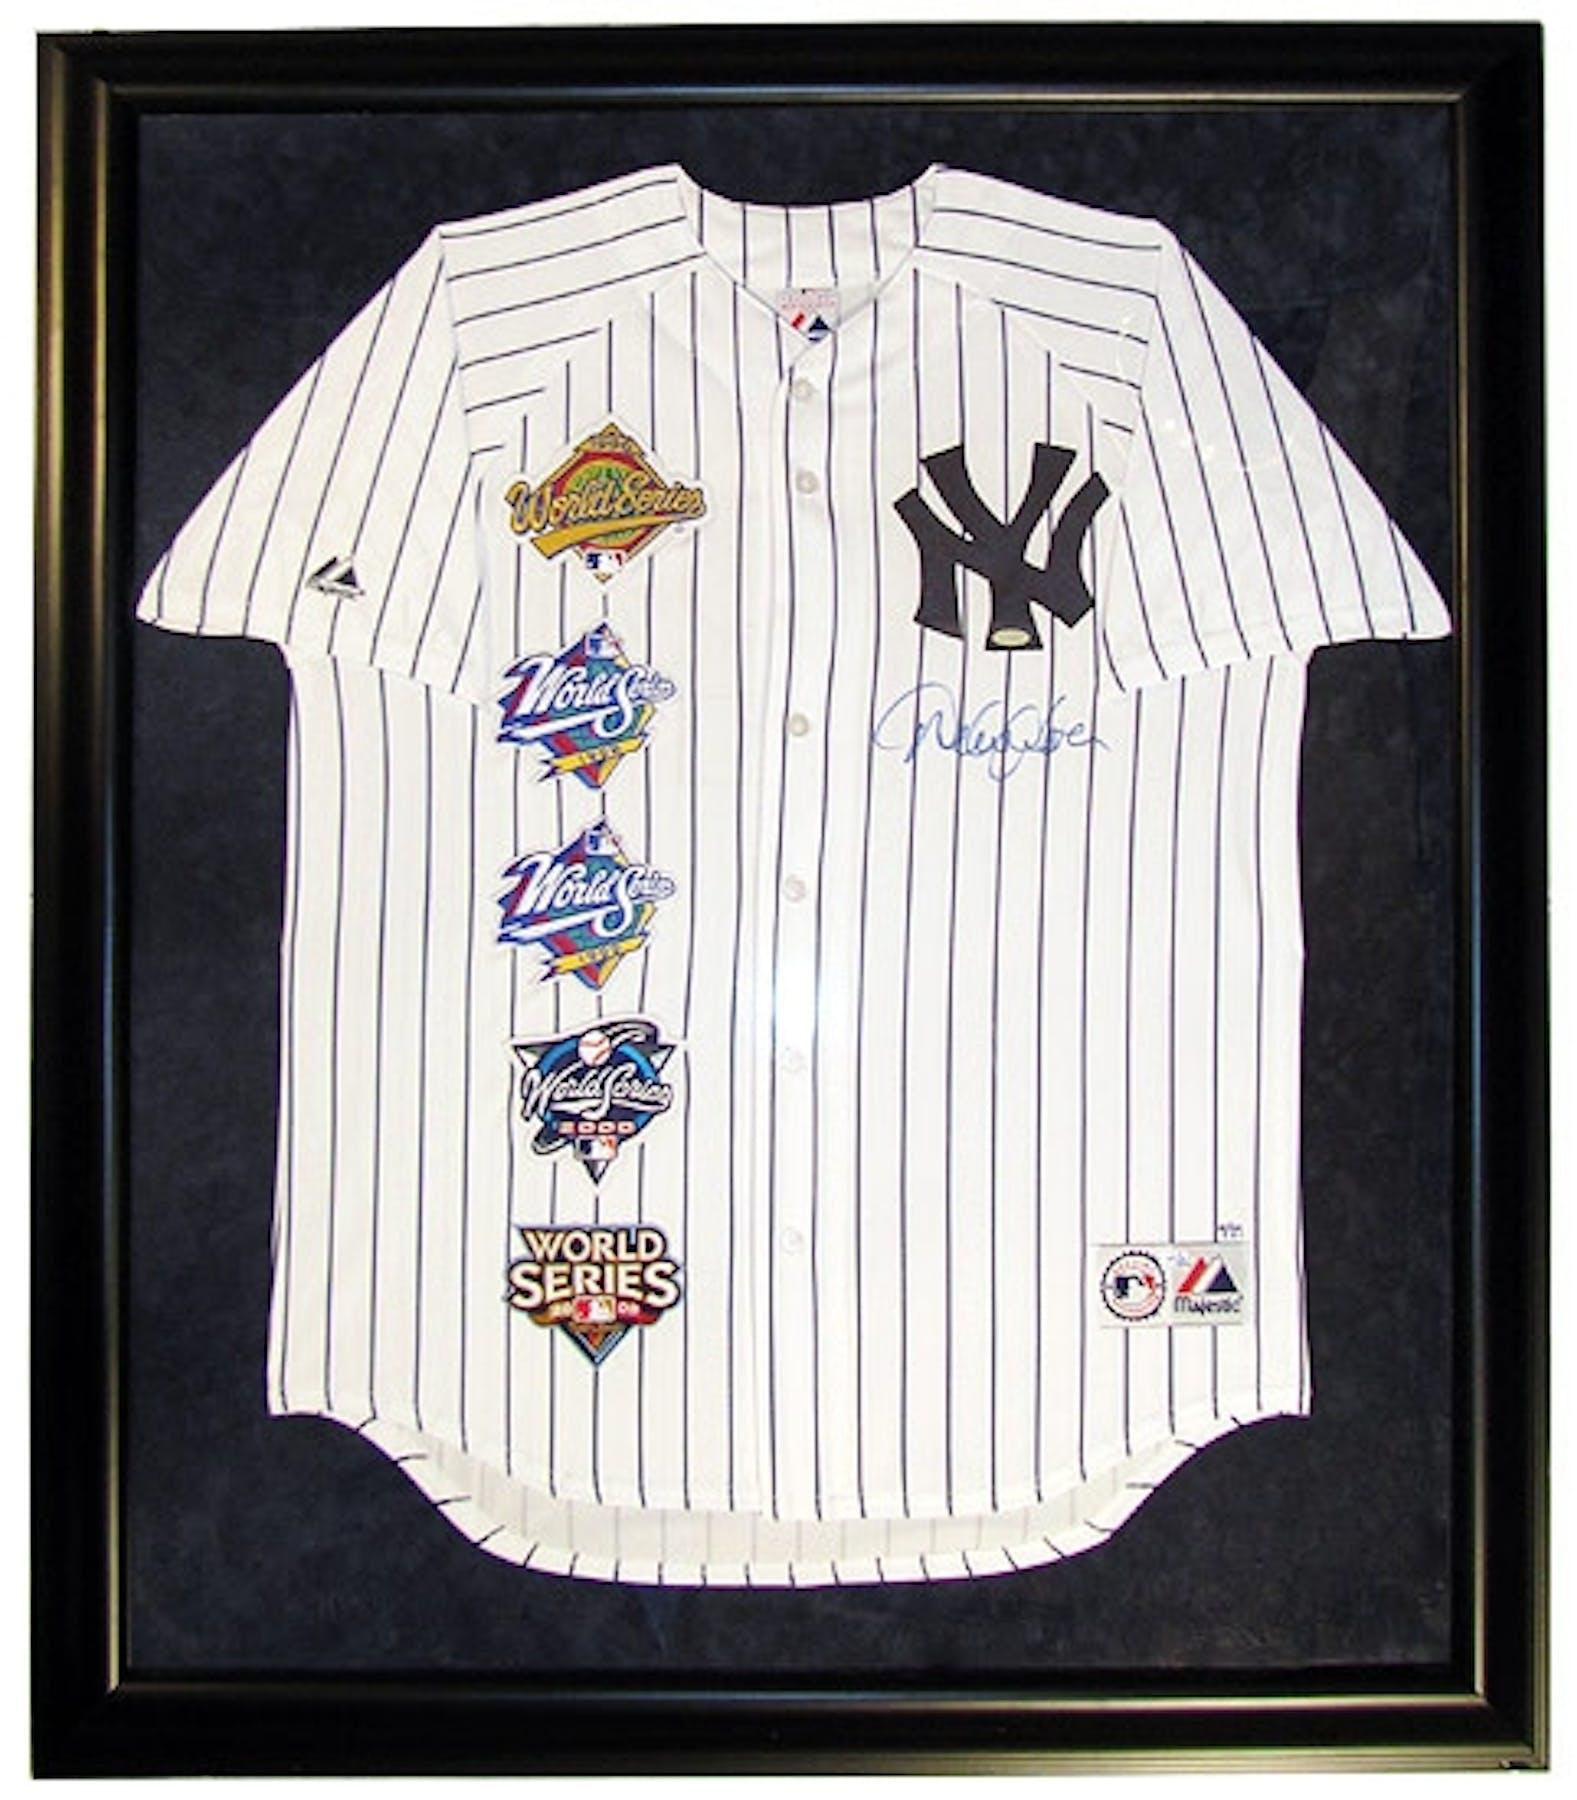 Derek Jeter Autographed Amp Framed Yankees Jersey 5 World